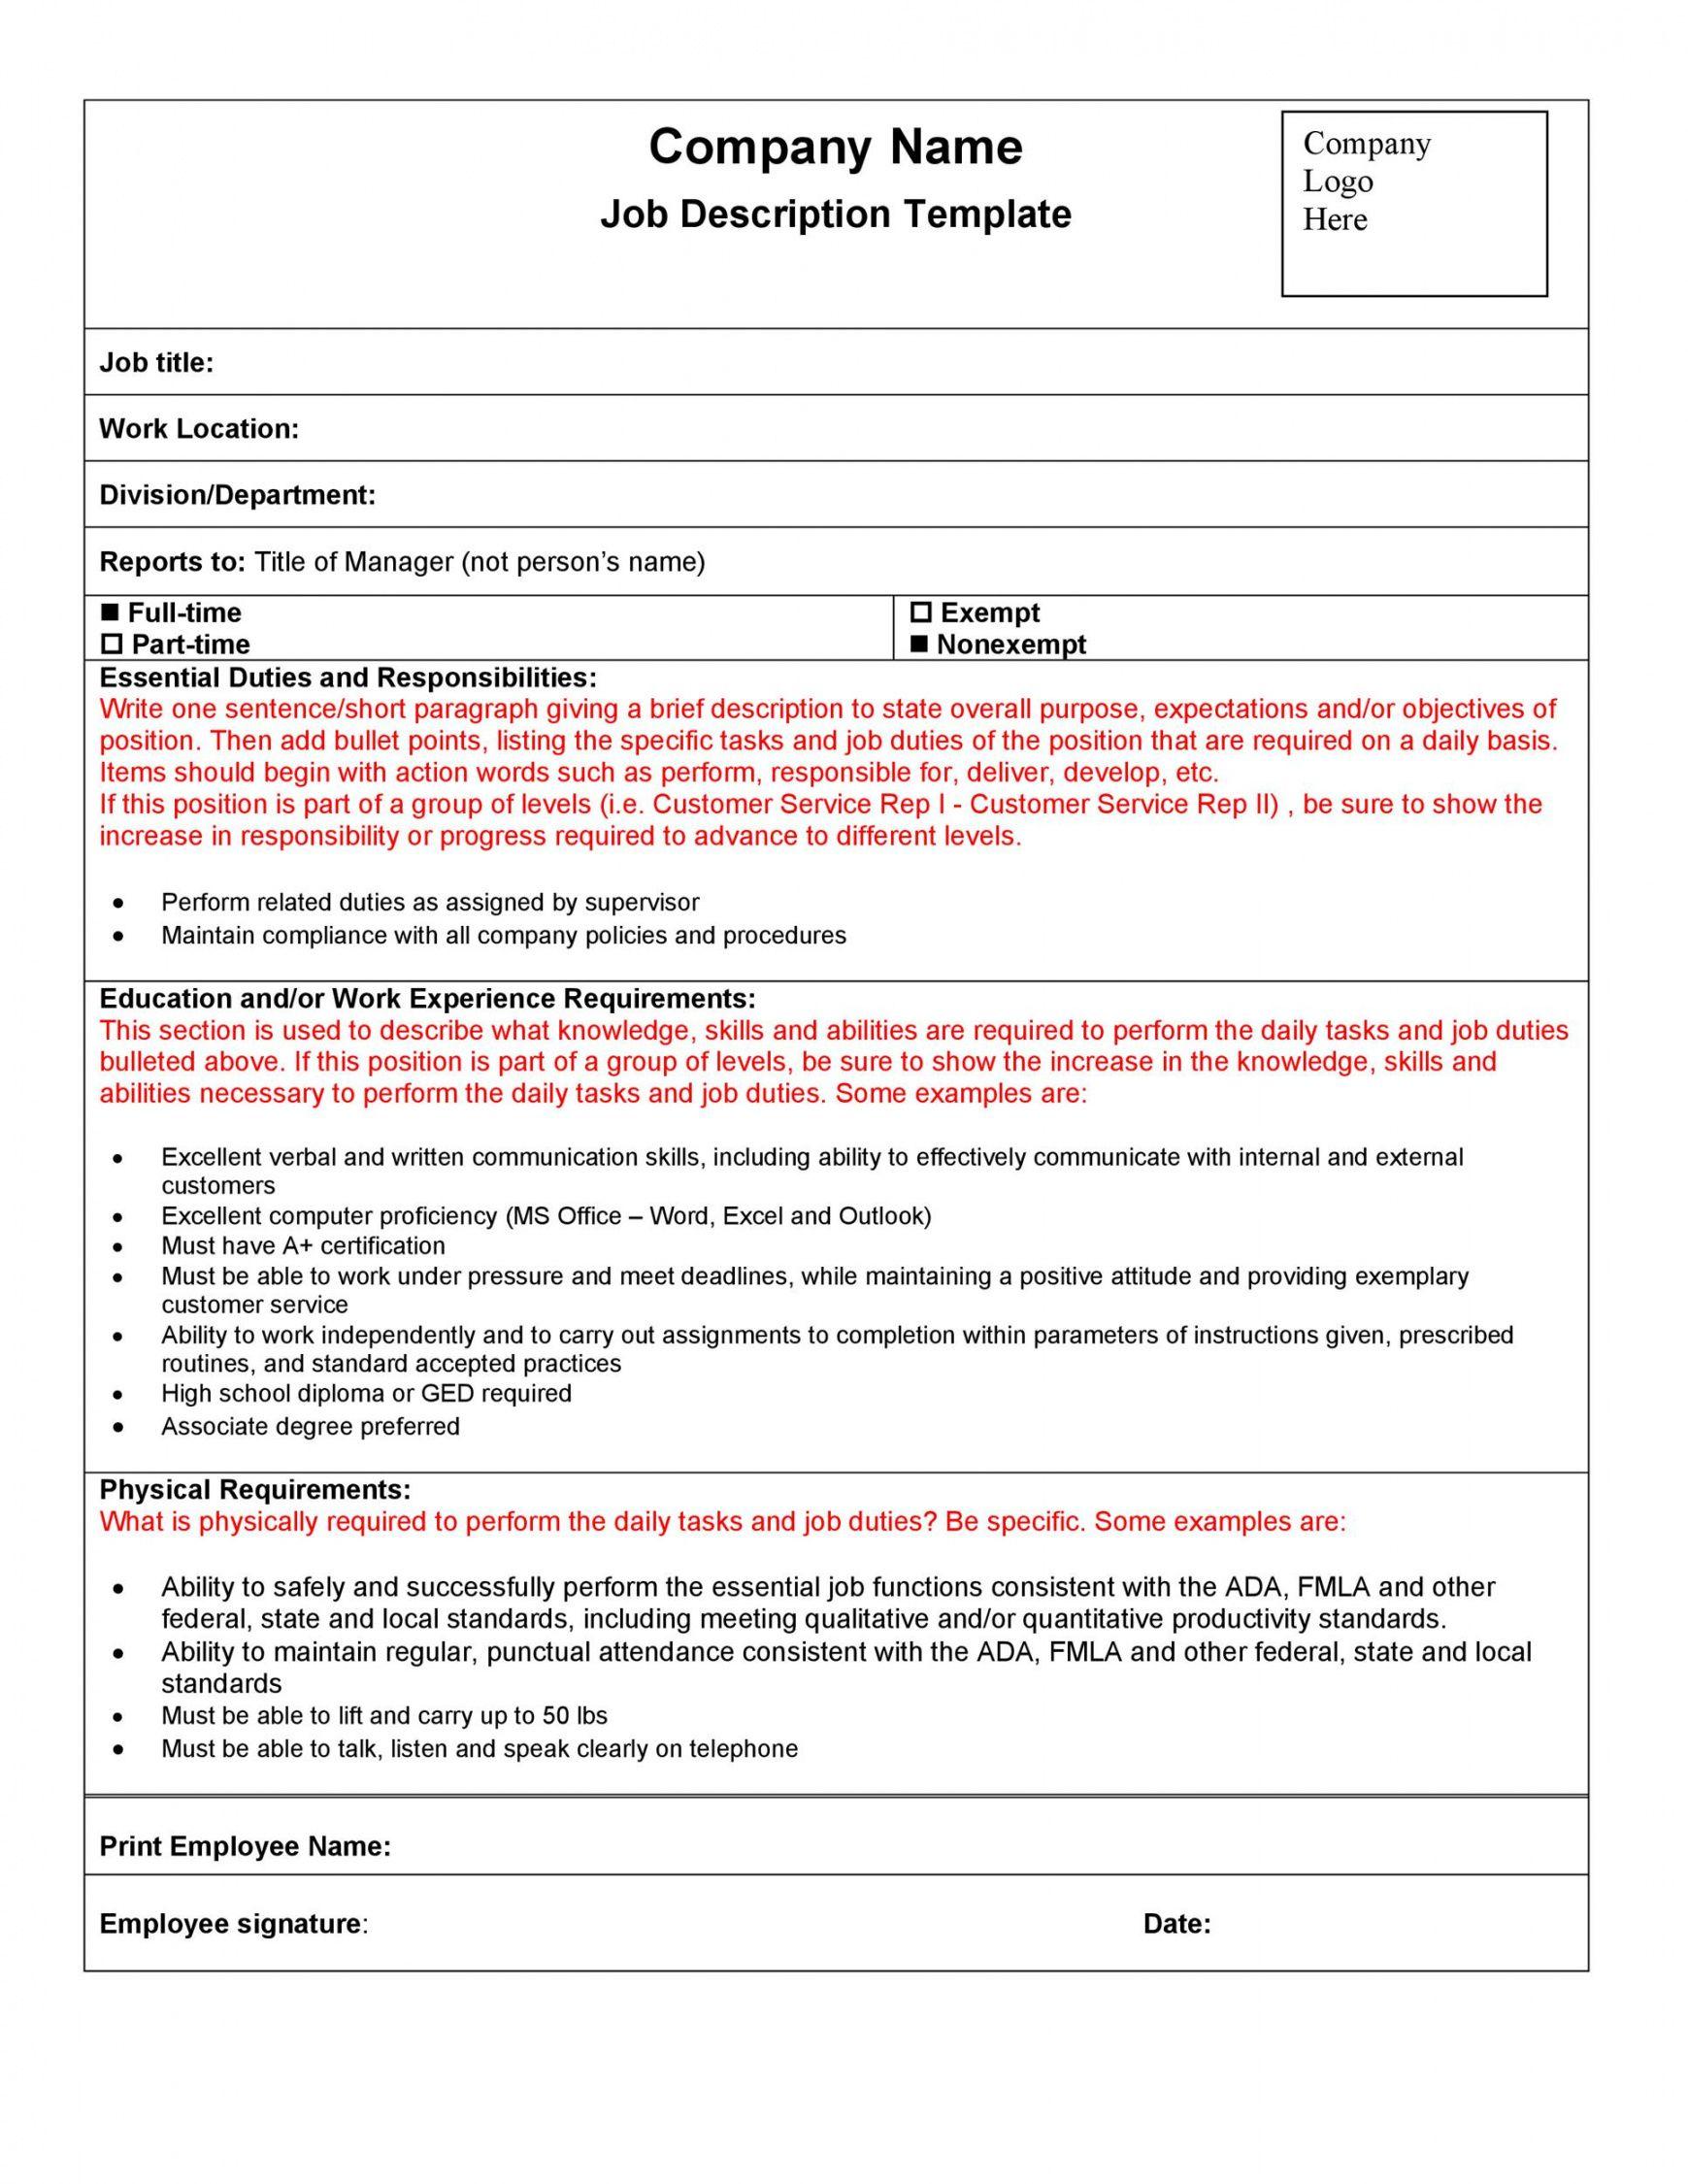 47 job description templates & examples ᐅ templatelab blank job description template and sample